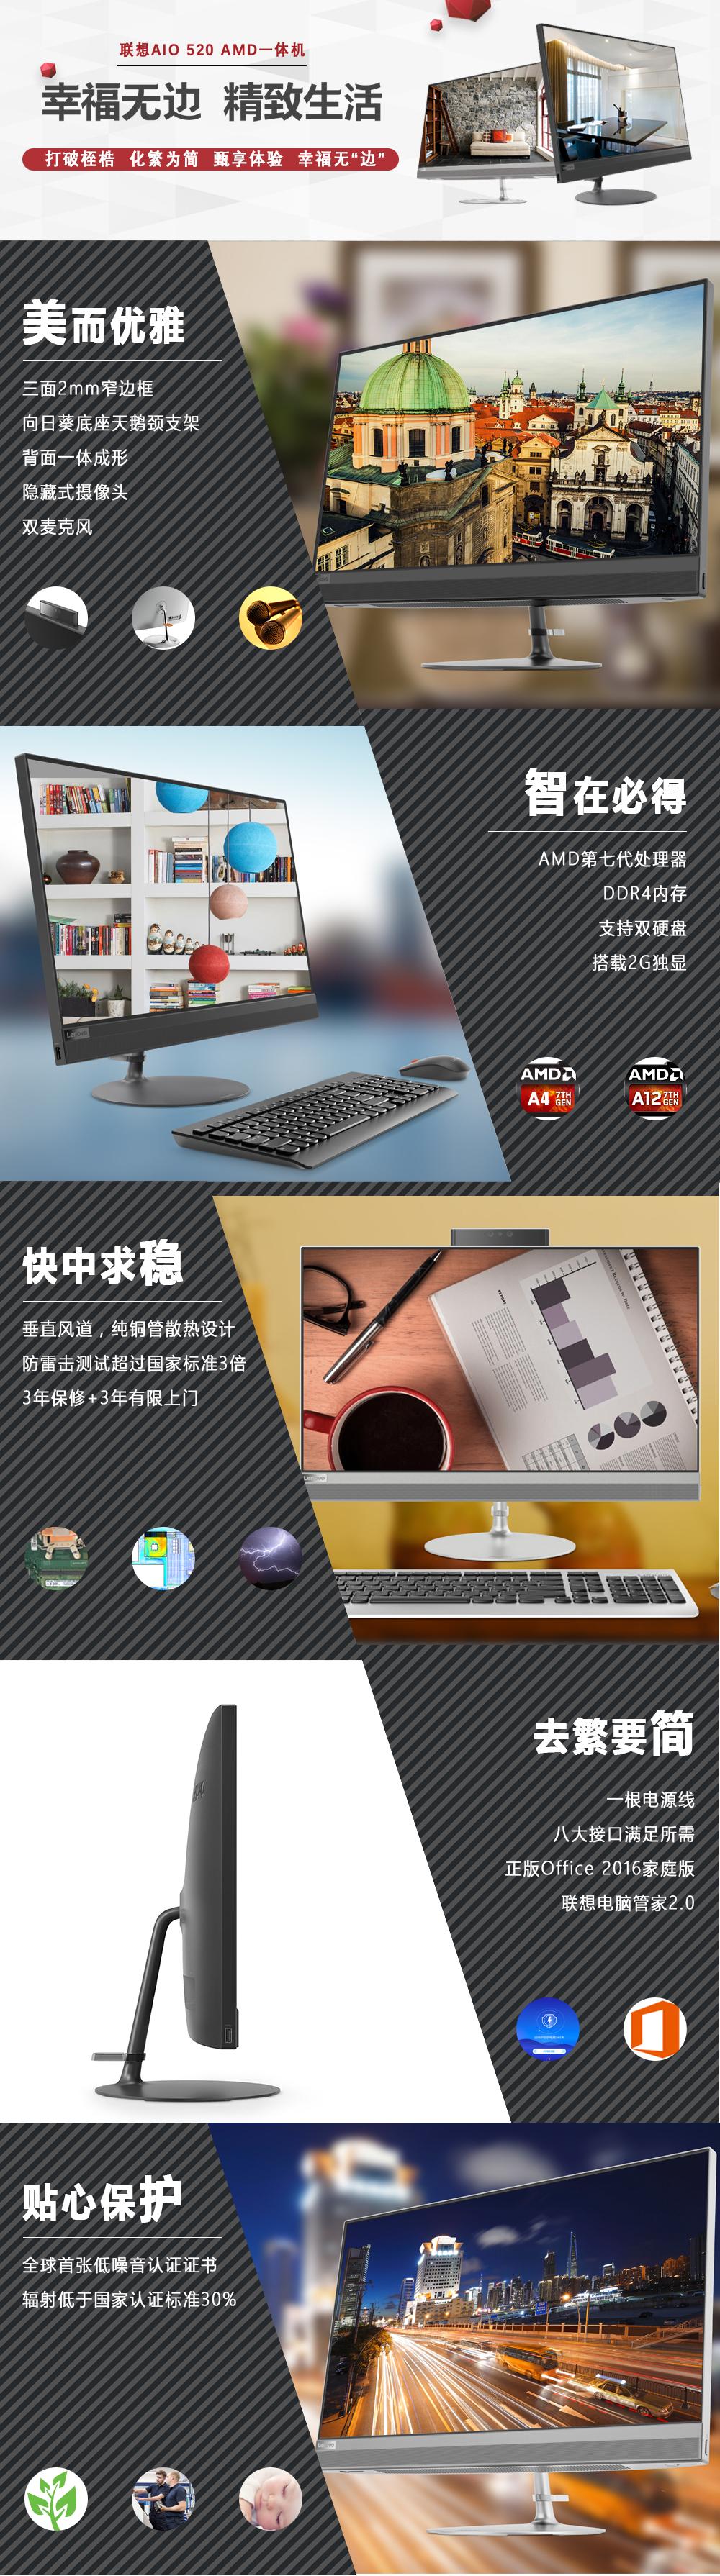 AIO-520-专题页-纯铜管-尚.jpg